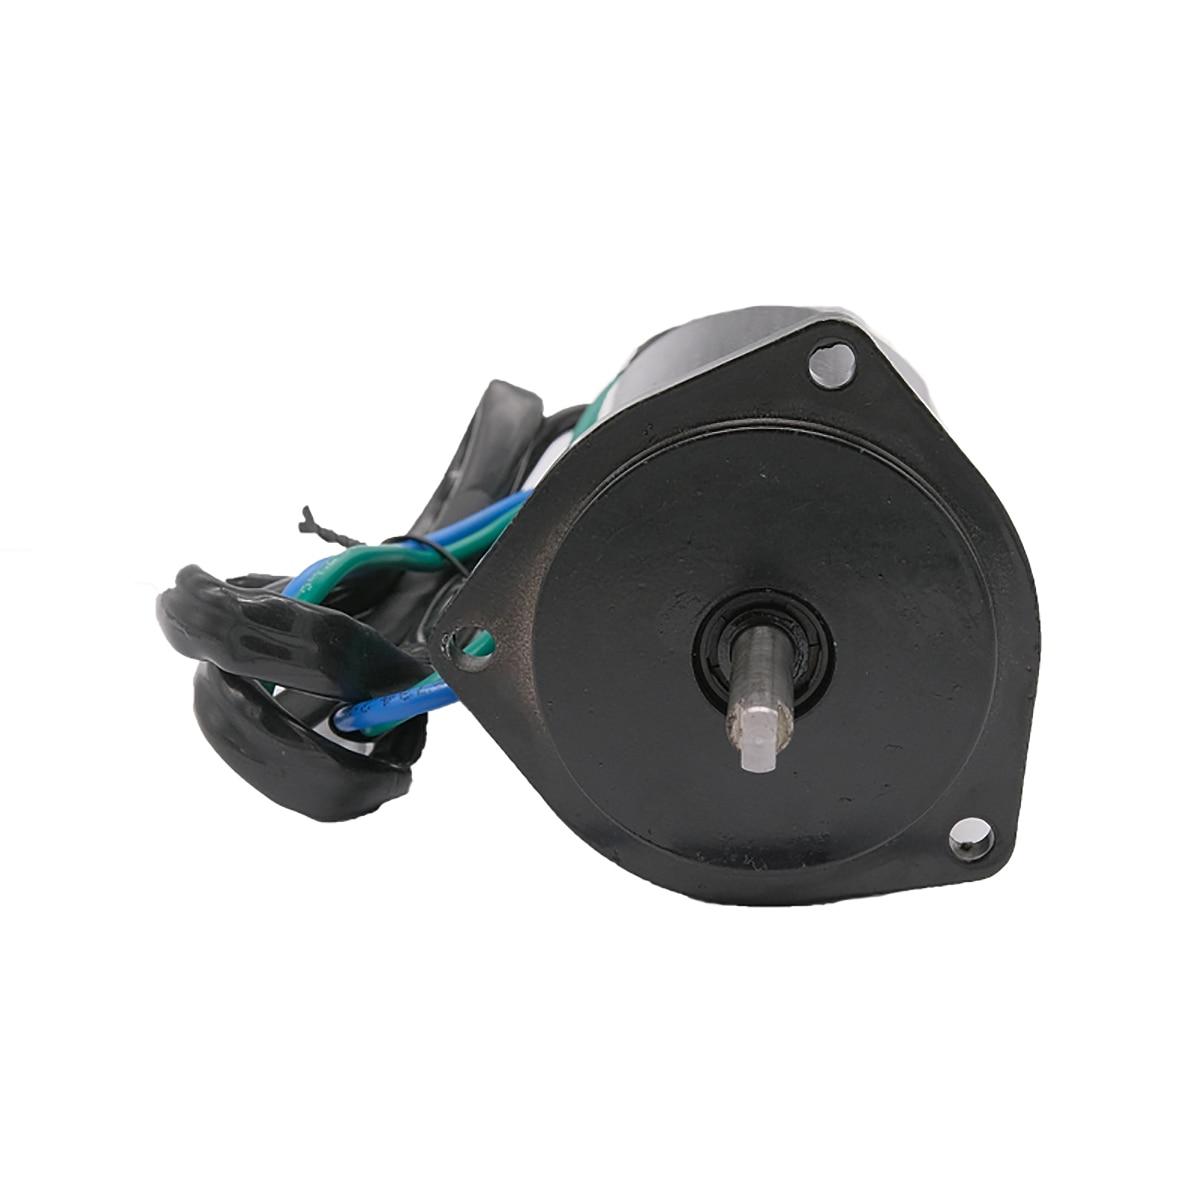 New Tilt Trim Motor For Yamaha 4-STROKE HI-THRUST 40-50HP CS3-43880-00-00